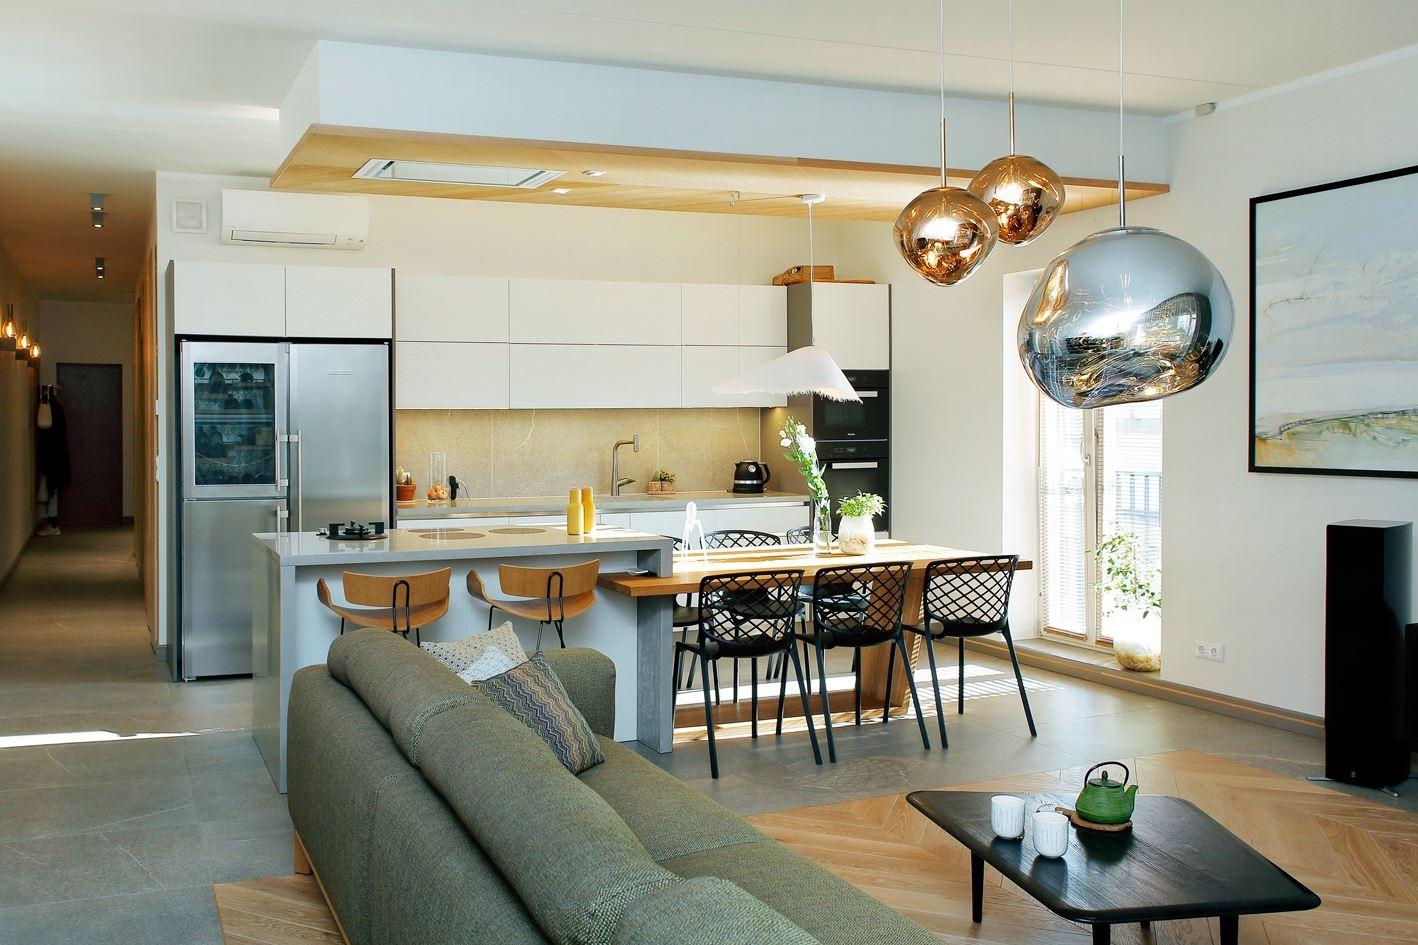 Sisekujundaja Ulvi Lõhmus loodud kaasaegne kodu Tähtveres